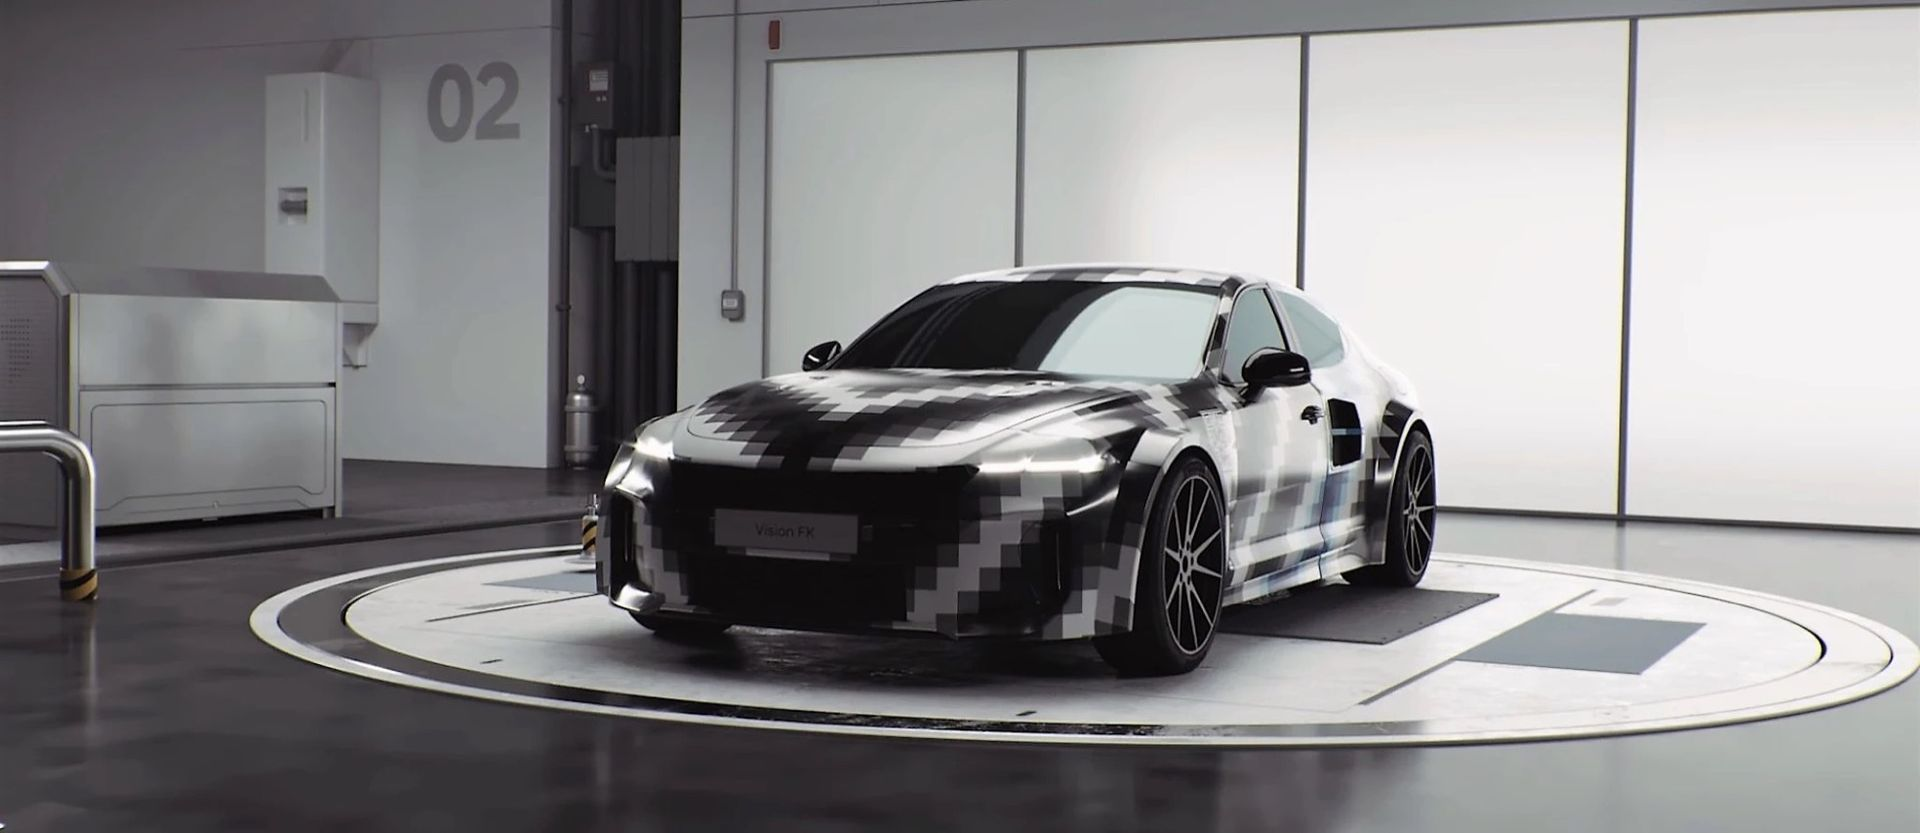 Hyundai visar vätgasdrivet sportbilskoncept